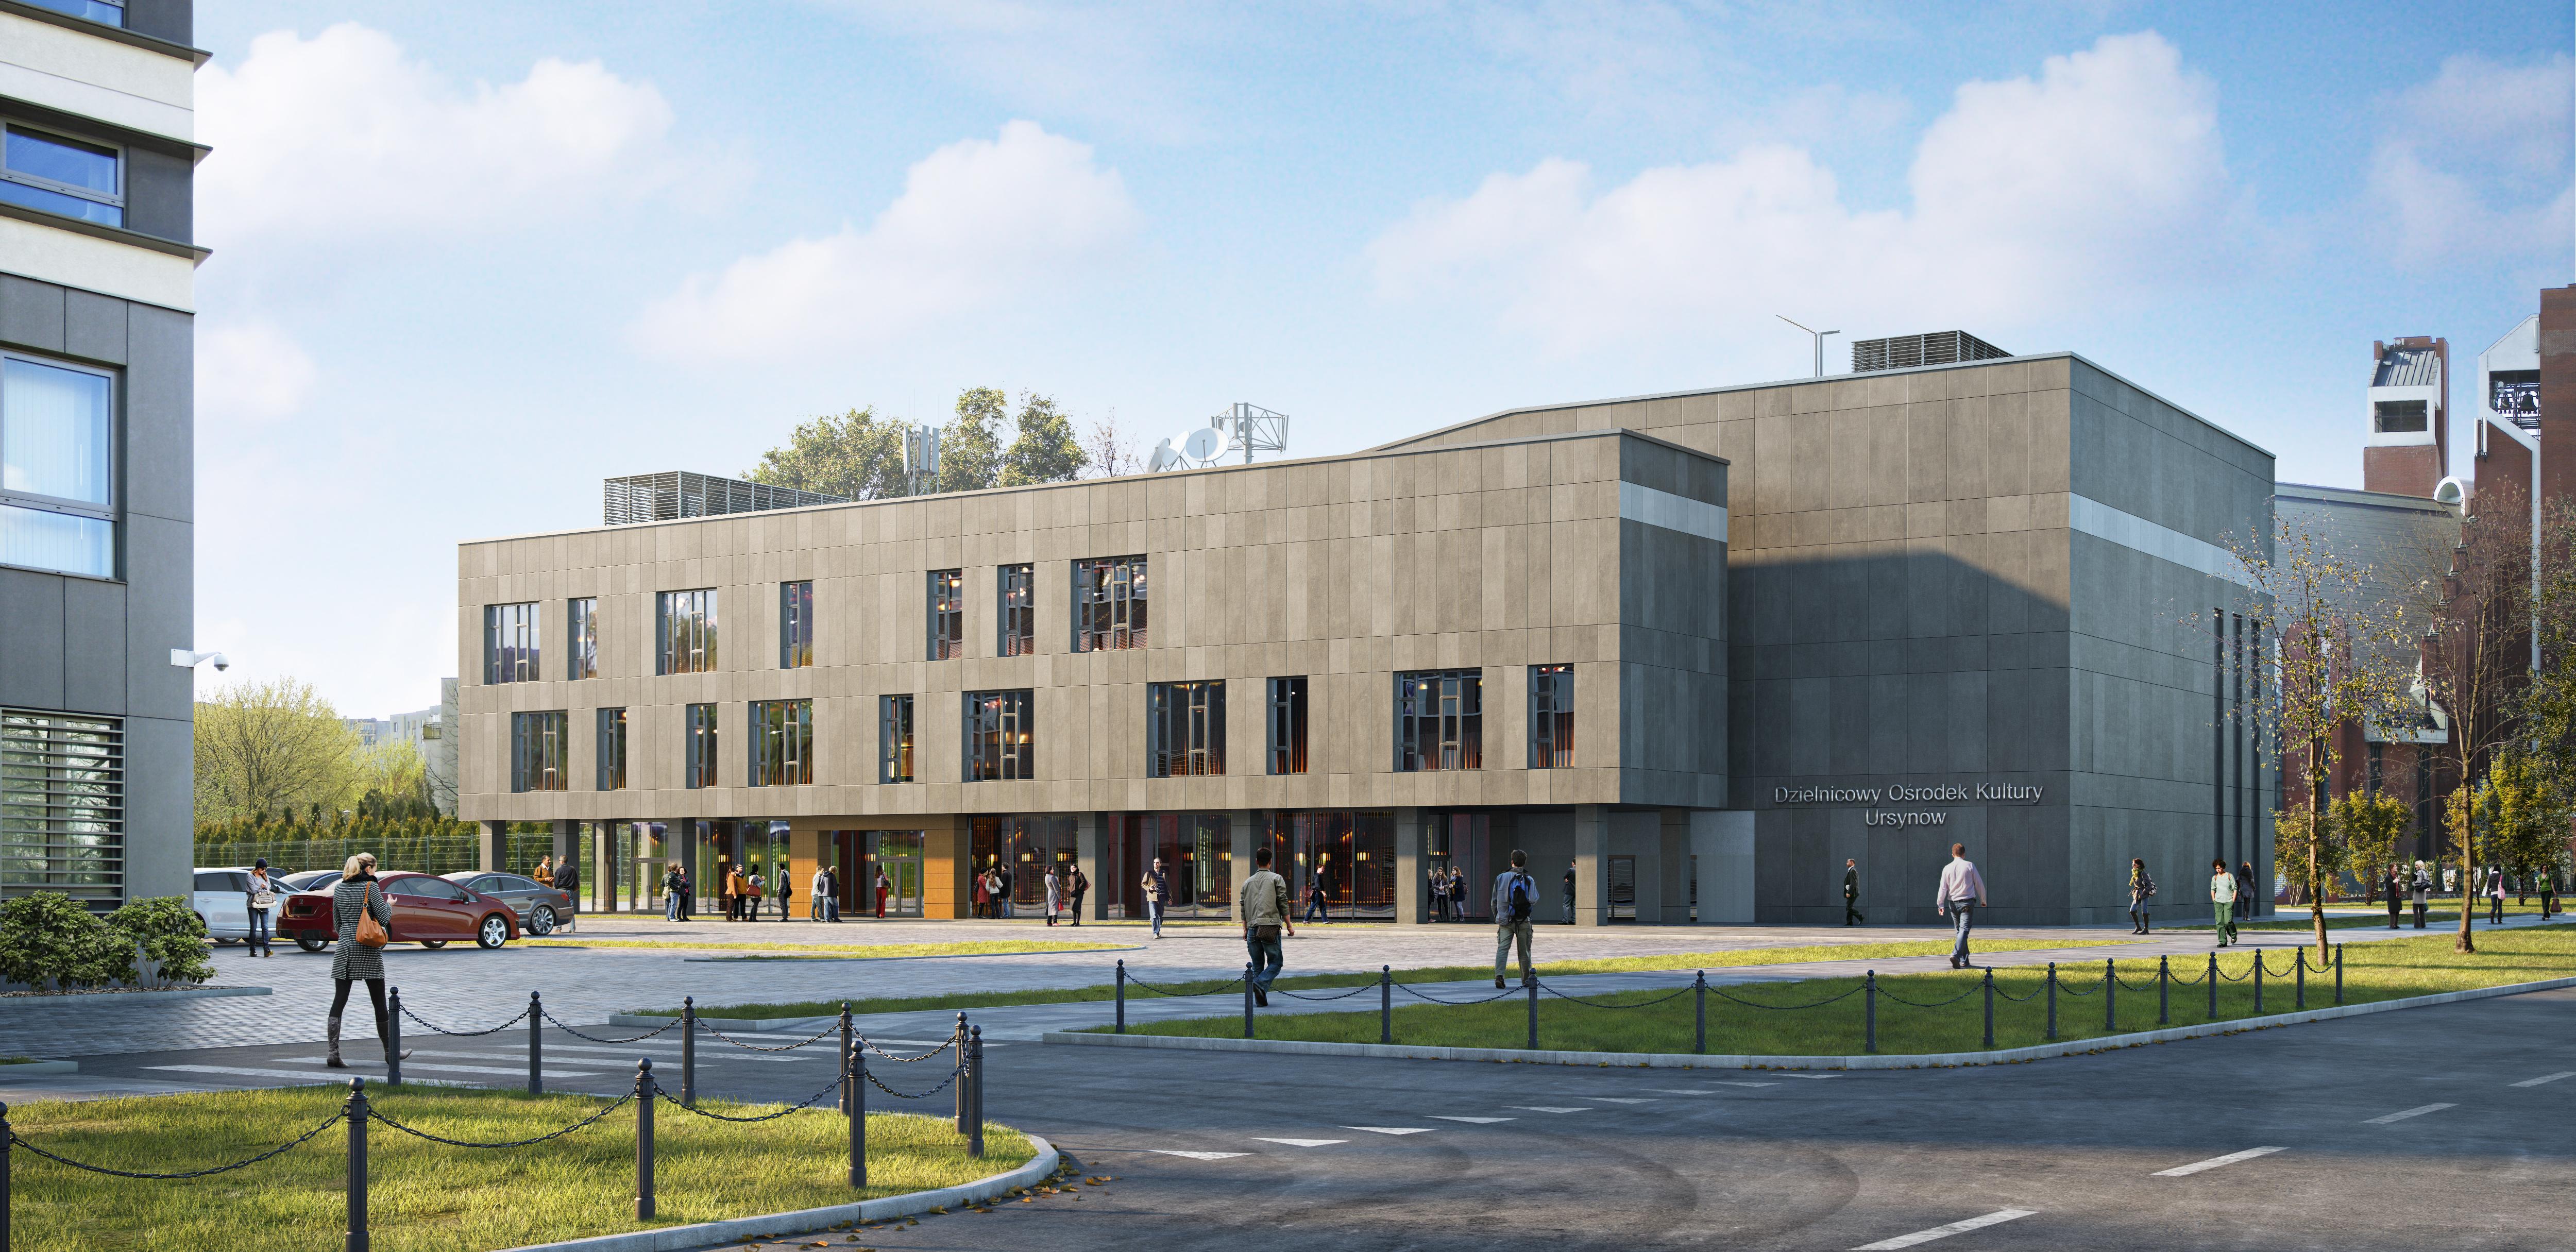 9f07f60e Wybudujemy Dzielnicowe Centrum Kultury na warszawskim Ursynowie ...